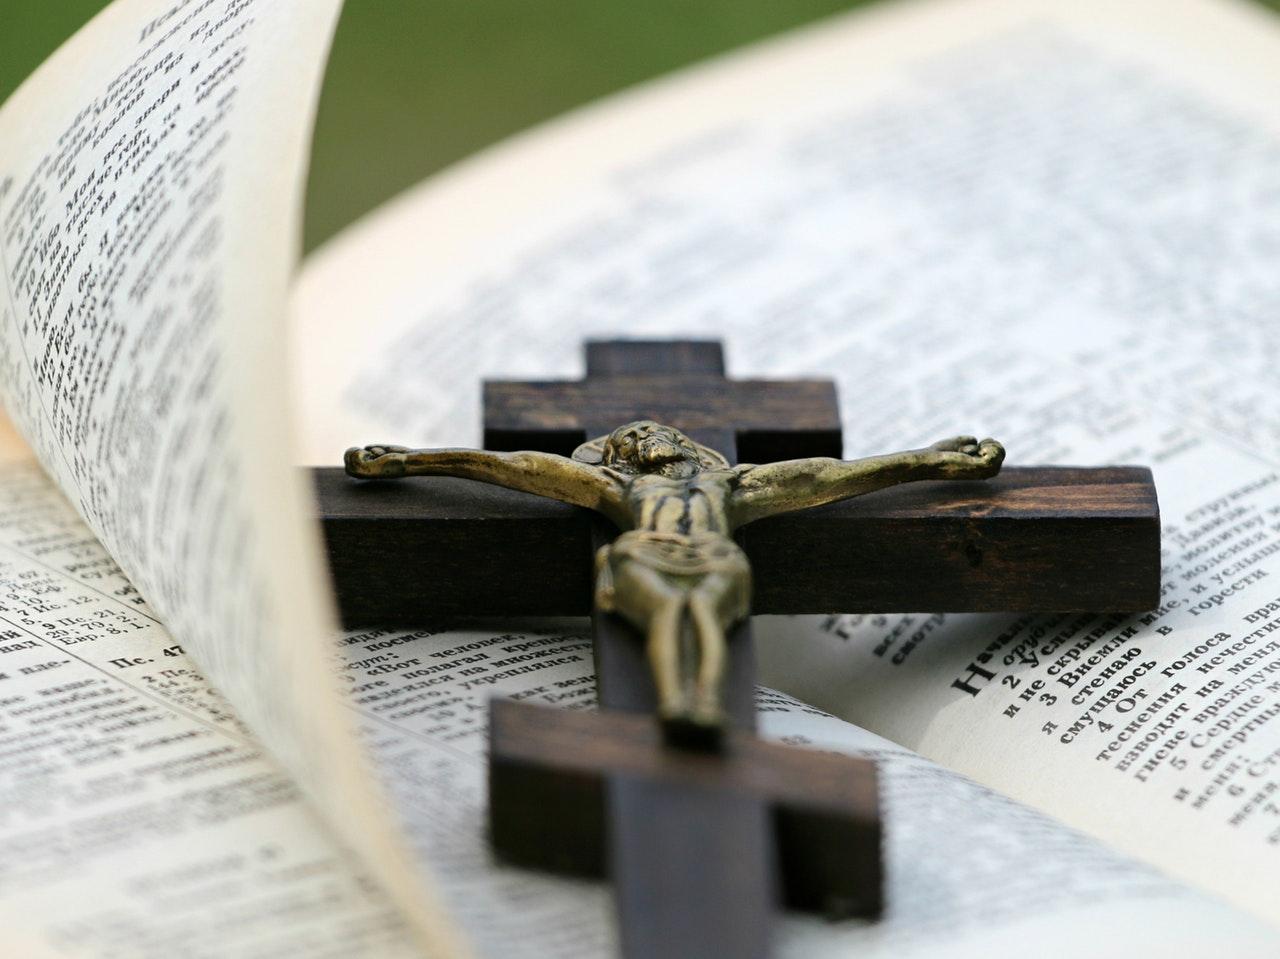 Est-ce que vous avez vu Jésus maudit ces ennemis, et fait des prières de vengeance contre ceux qui lui ont persécutés? La réponse est: NON Donc si vous êtes de Dieu et que vous suivez Jésus, pourquoi faites-vous le contraire?